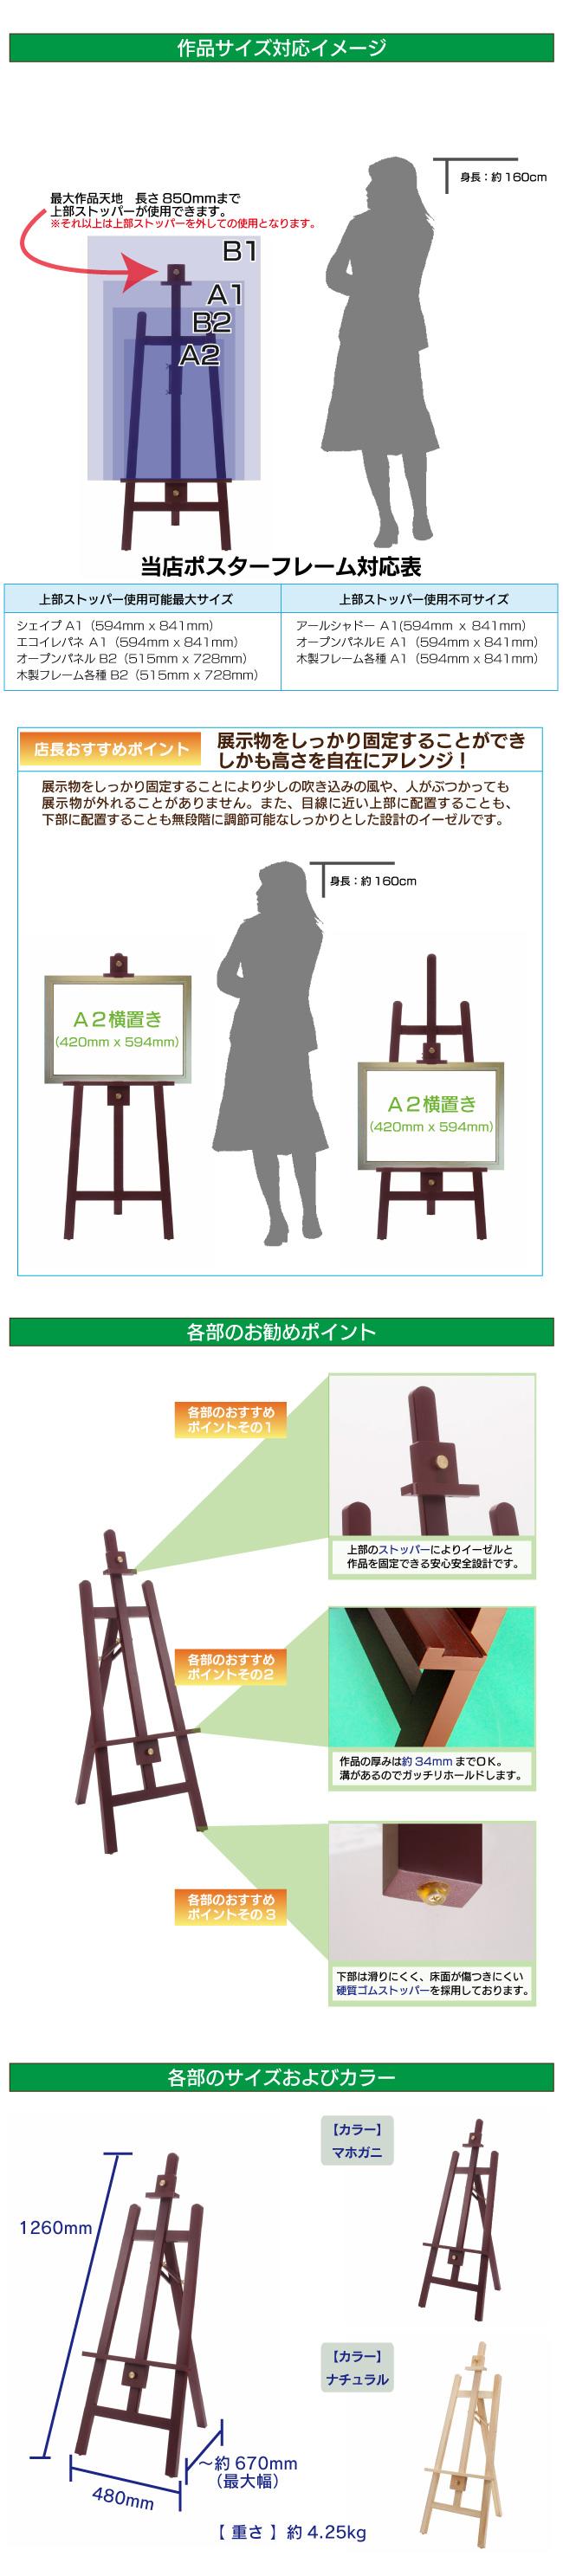 ポスターフレーム用イーゼル120商品説明